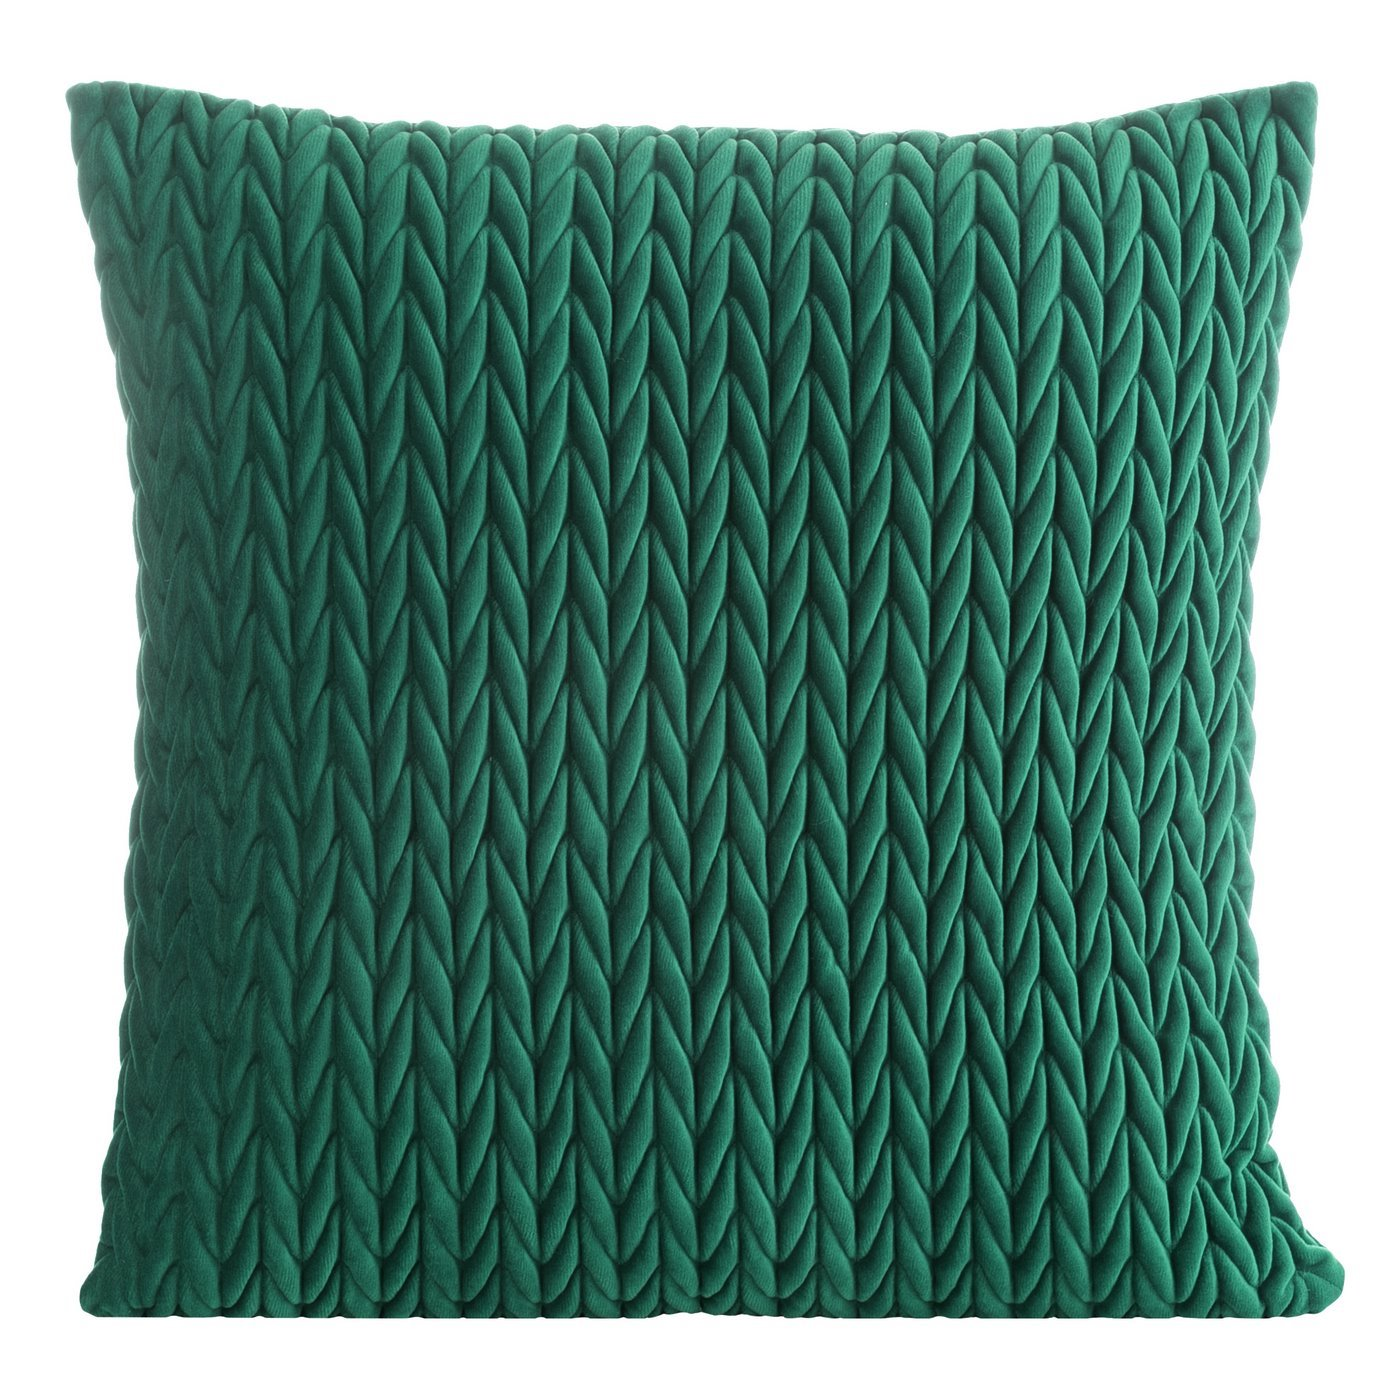 Poszewka na poduszkę 45 x 45 cm z oryginalnym motywem plecionki zielona